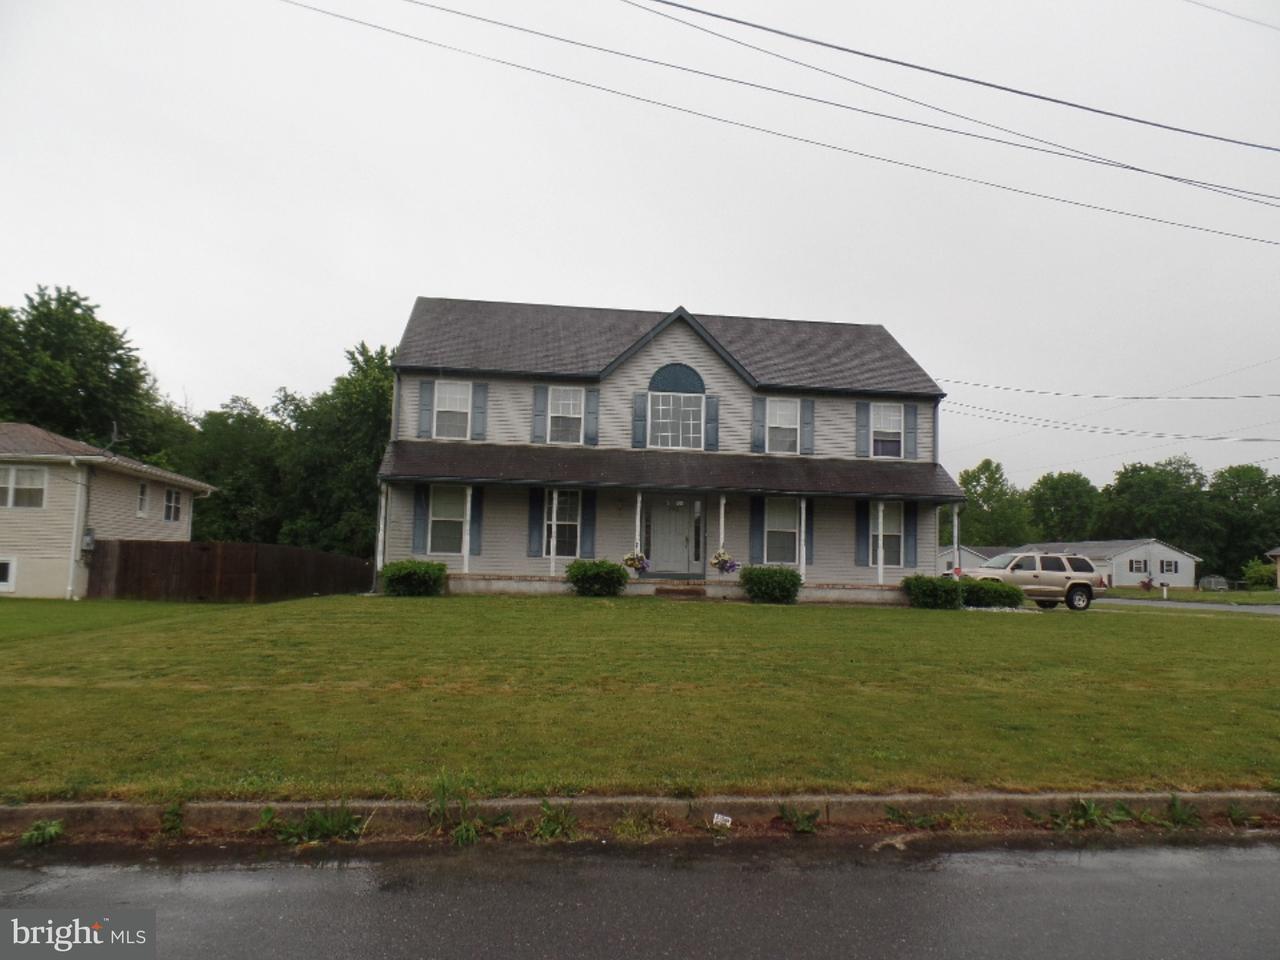 Casa Unifamiliar por un Venta en 105 W DELAWARE Avenue Buena, Nueva Jersey 08326 Estados Unidos